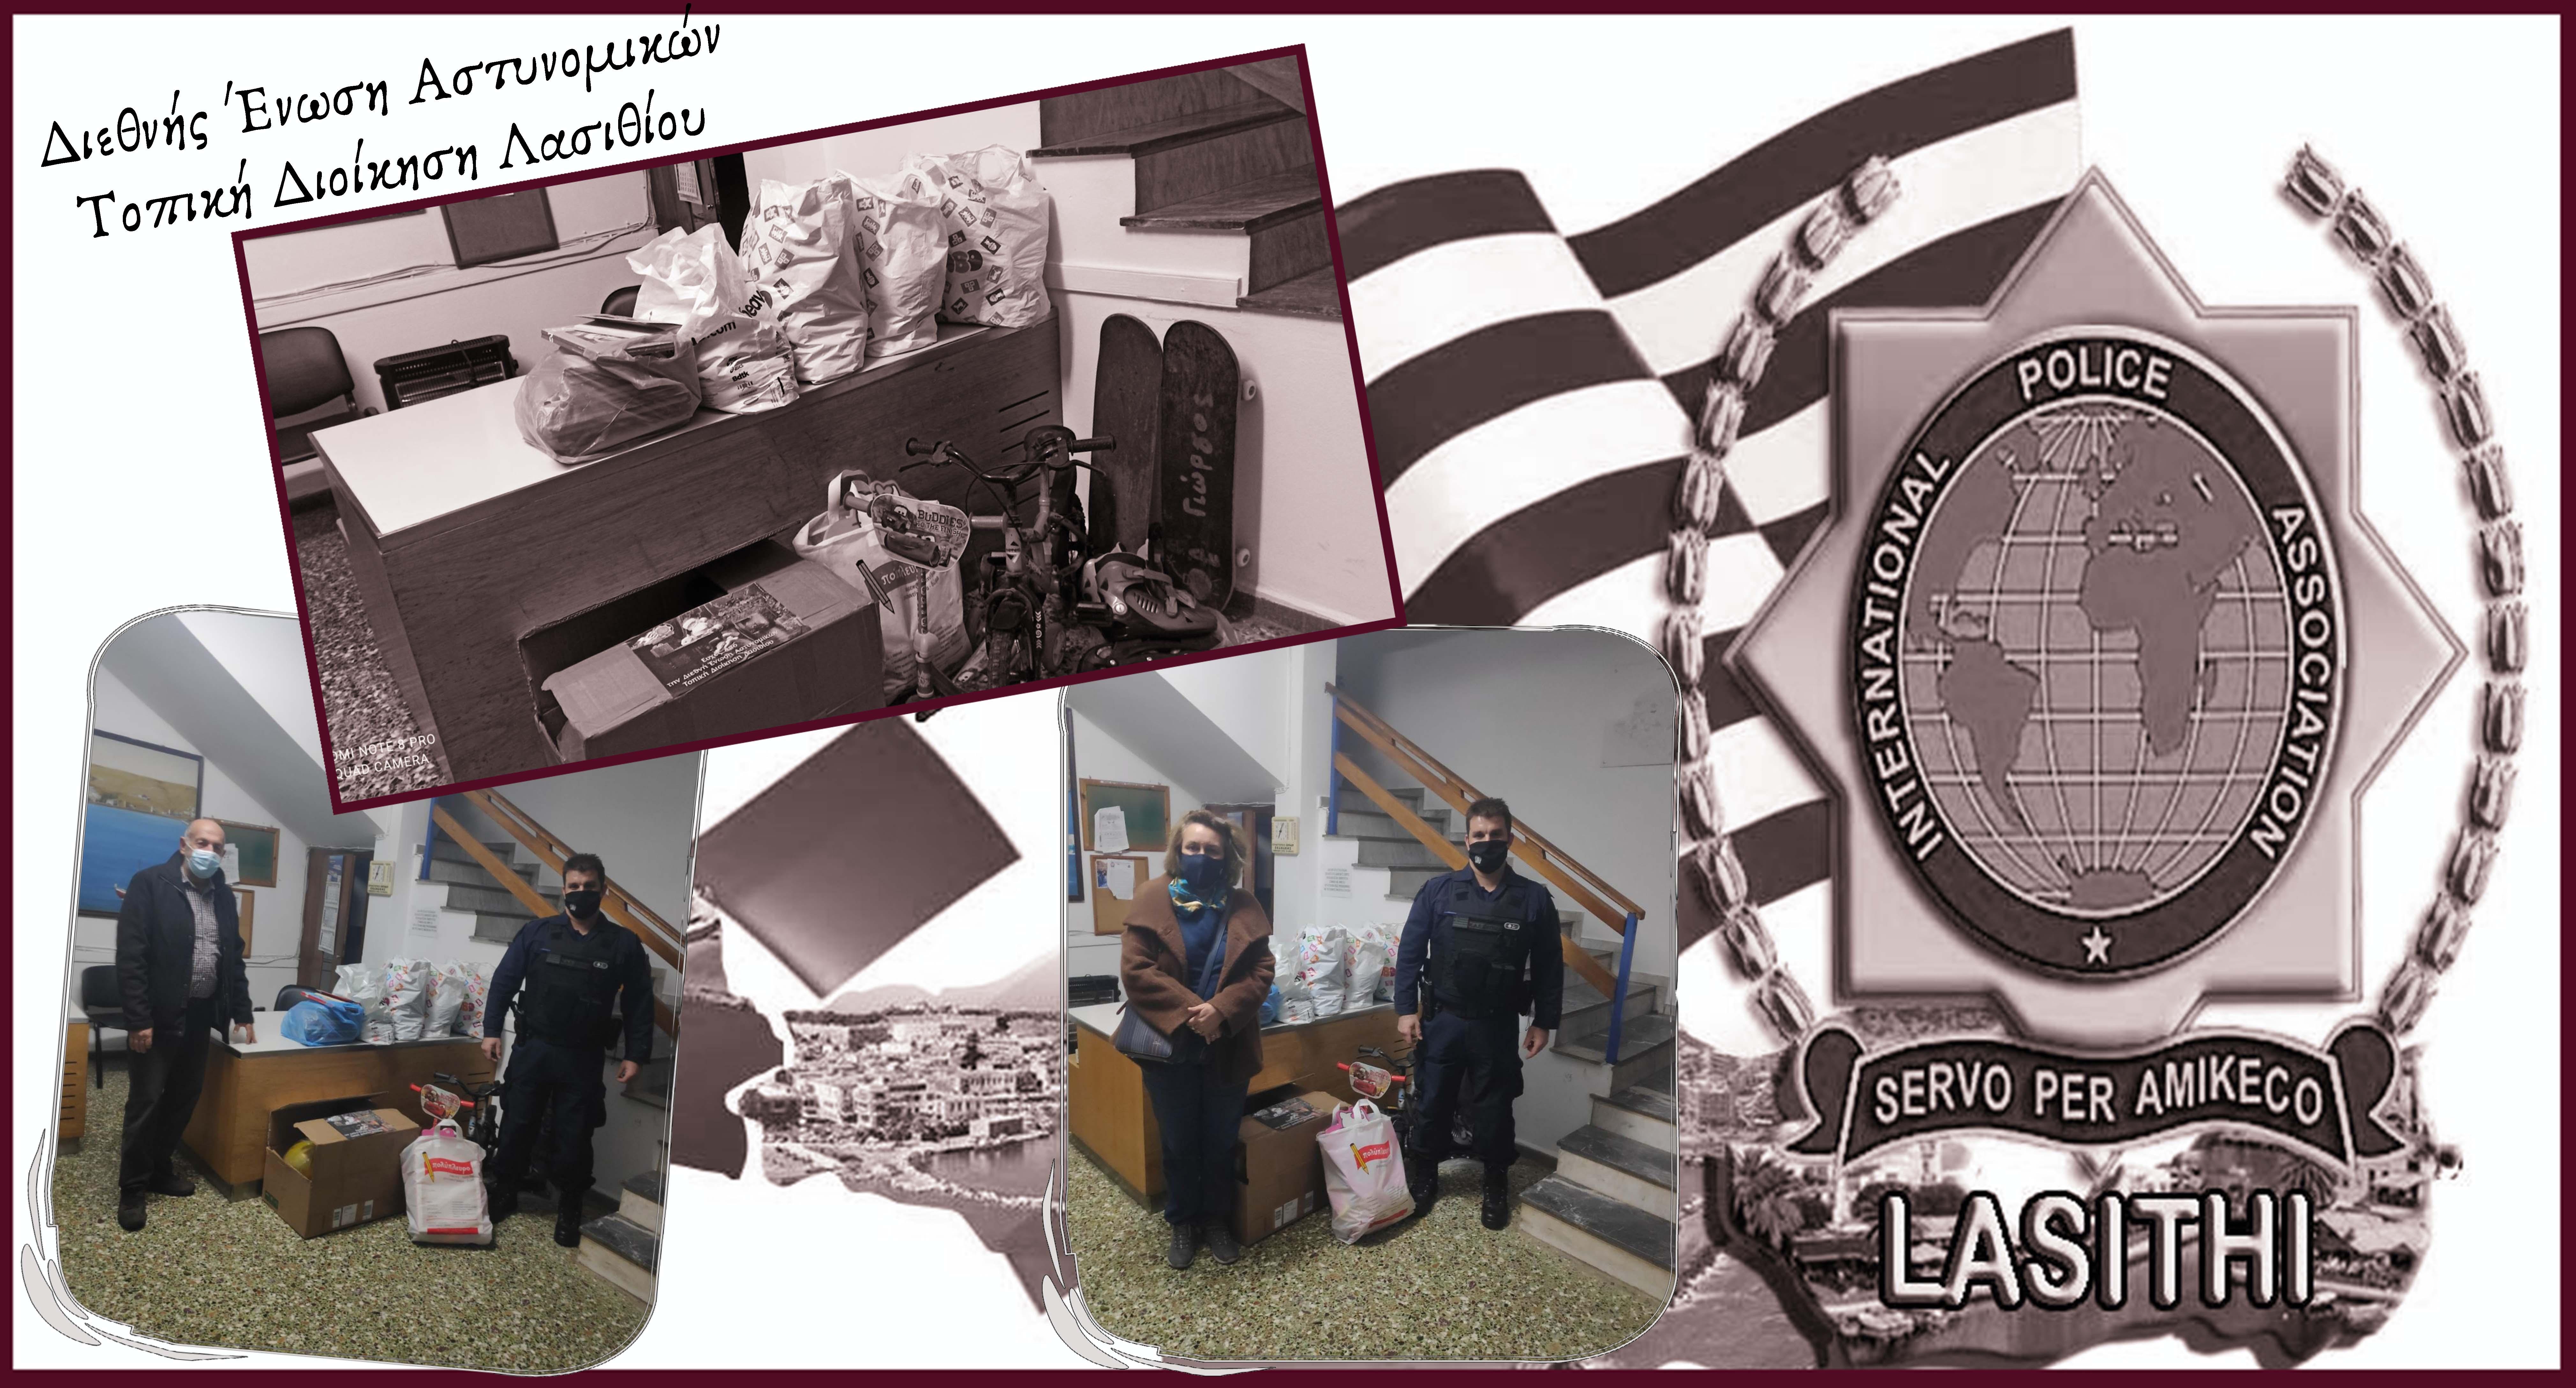 Προσφορά βιβλίων και παιχνιδιών στο κοινωνικό παντοπωλείο του Δήμου Σητείας από τους Αστυνομικούς του Λασιθίου